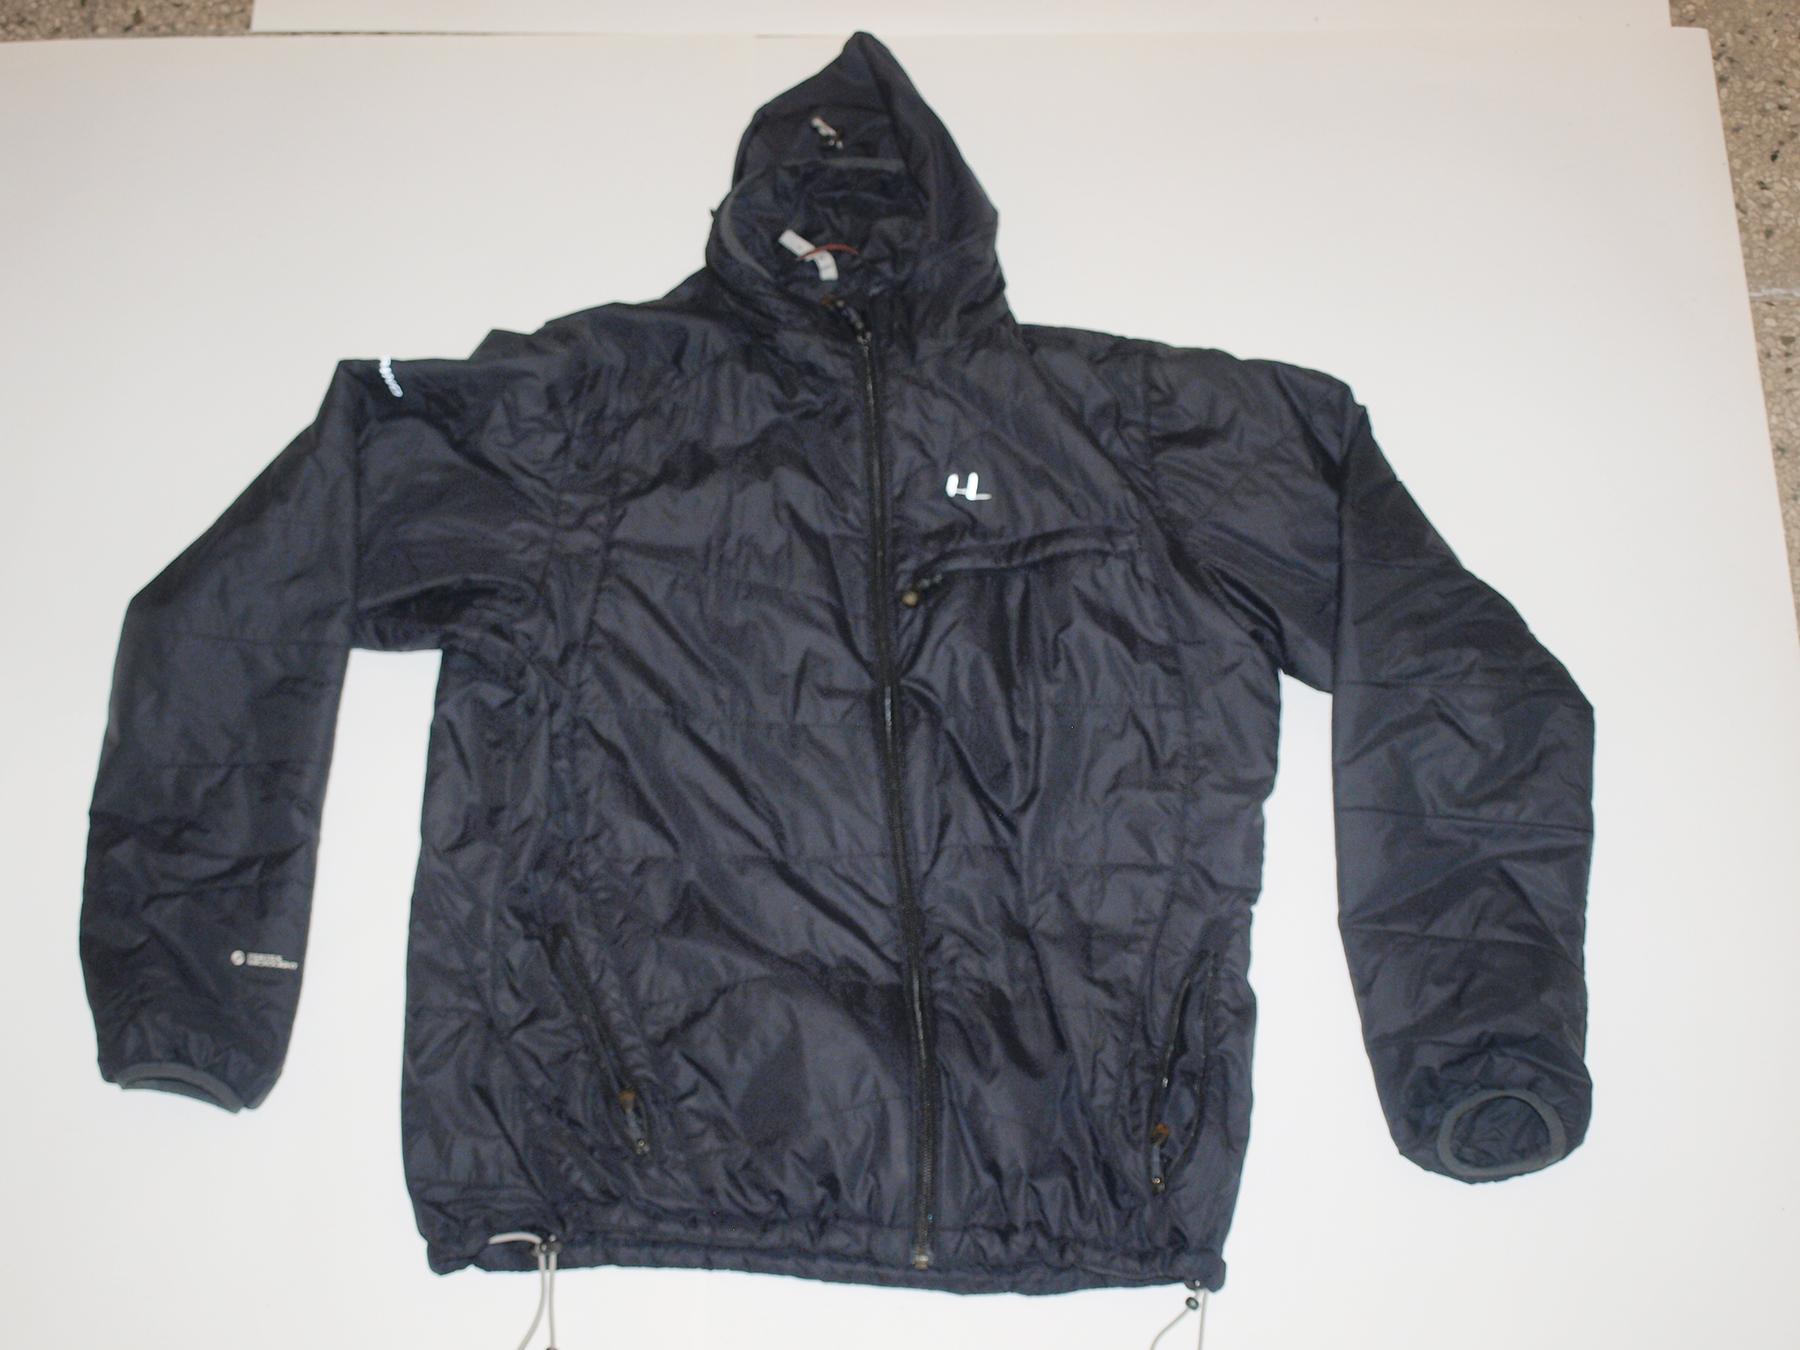 Ferrino primaloft bunda ako súčasť outdooru výbavy